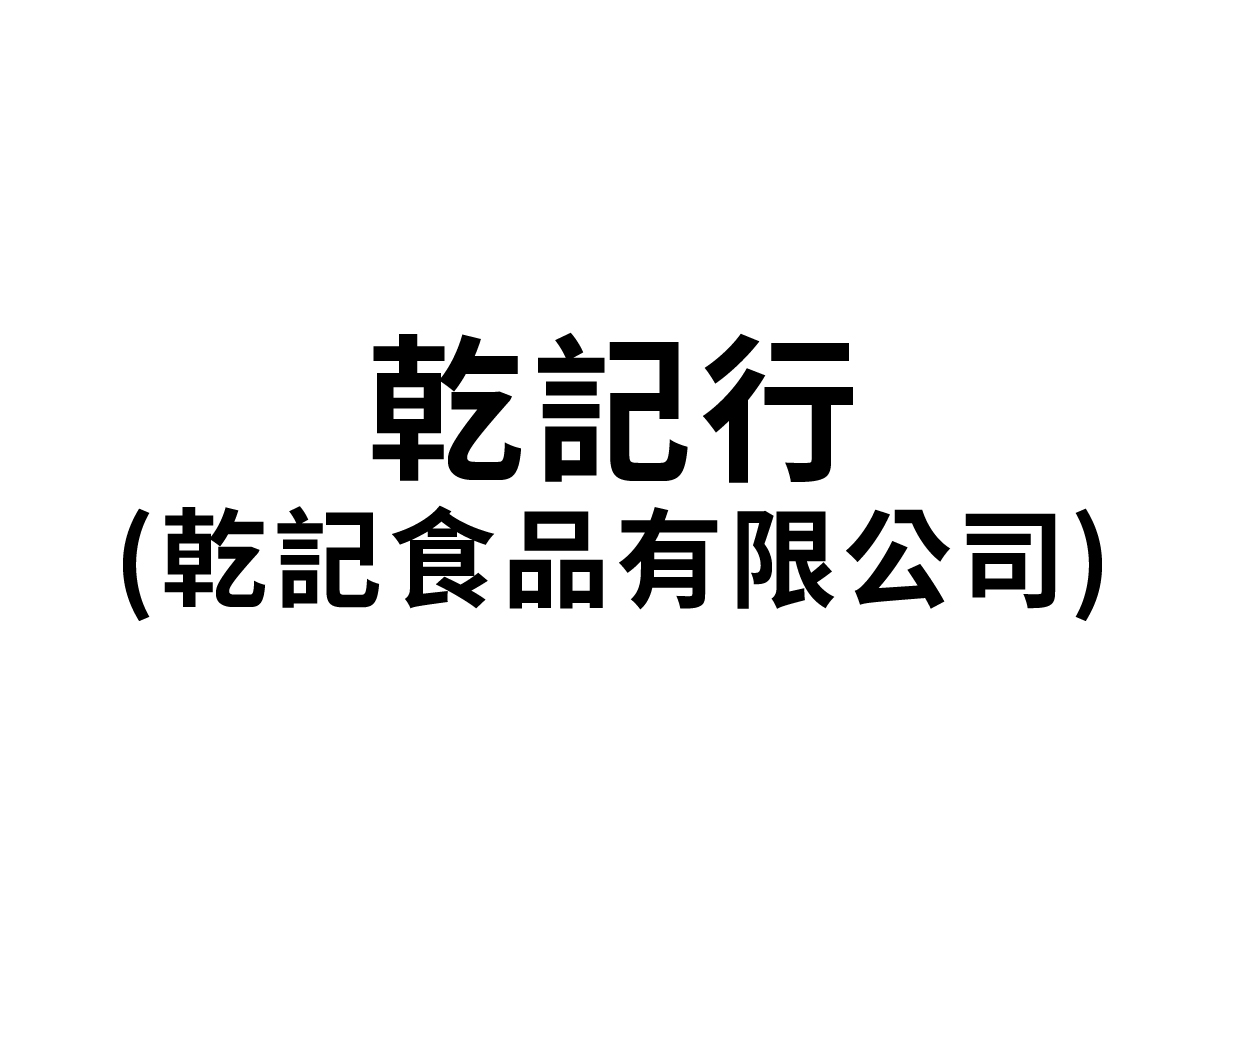 乾記行(乾記食品有限公司)